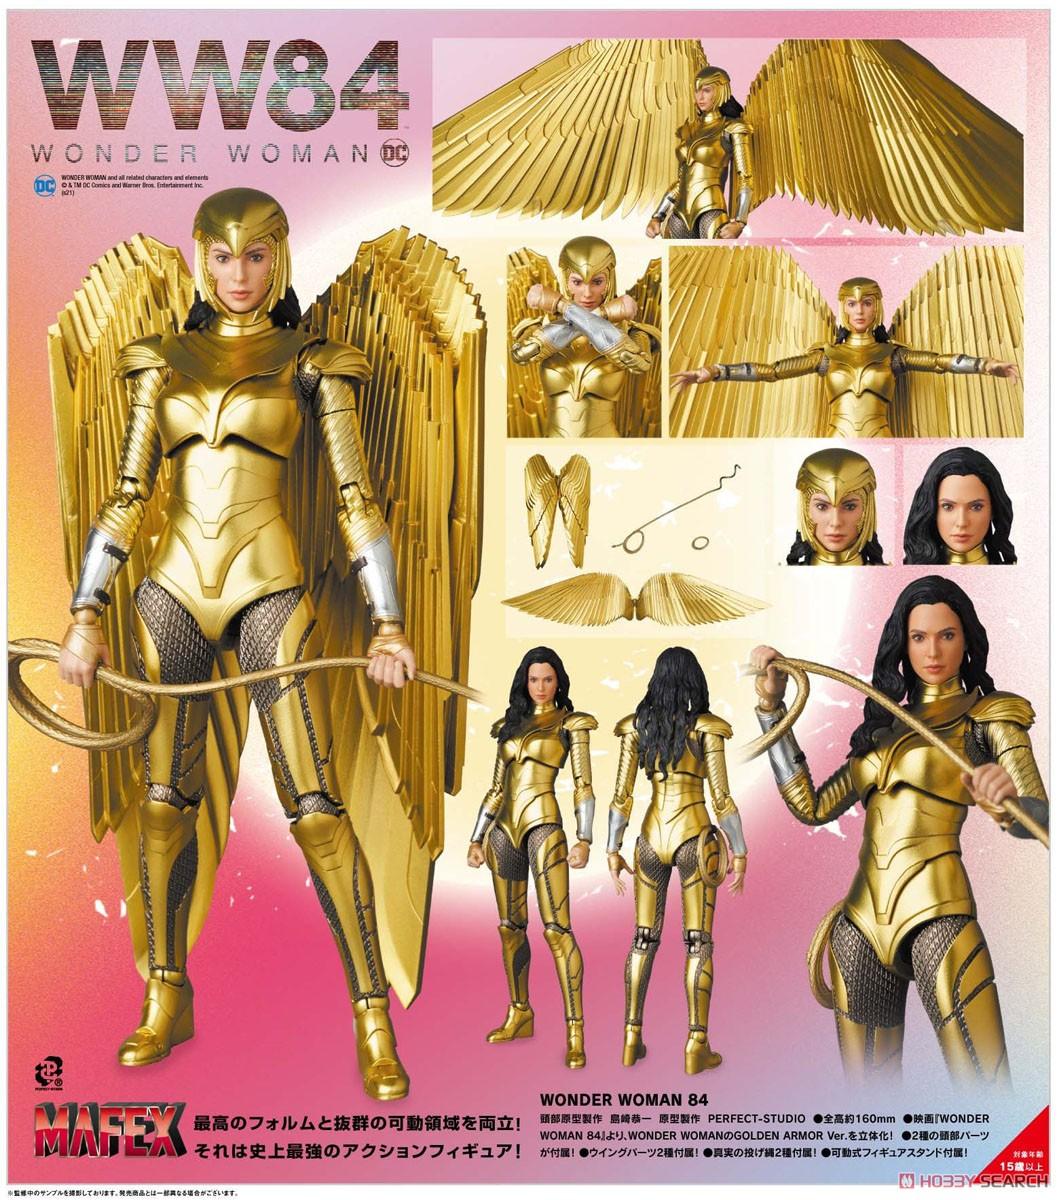 マフェックス No.148 MAFEX『ワンダーウーマン 1984 ゴールドアーマー版/WONDER WOMAN GOLDEN ARMOR Ver.』可動フィギュア-014